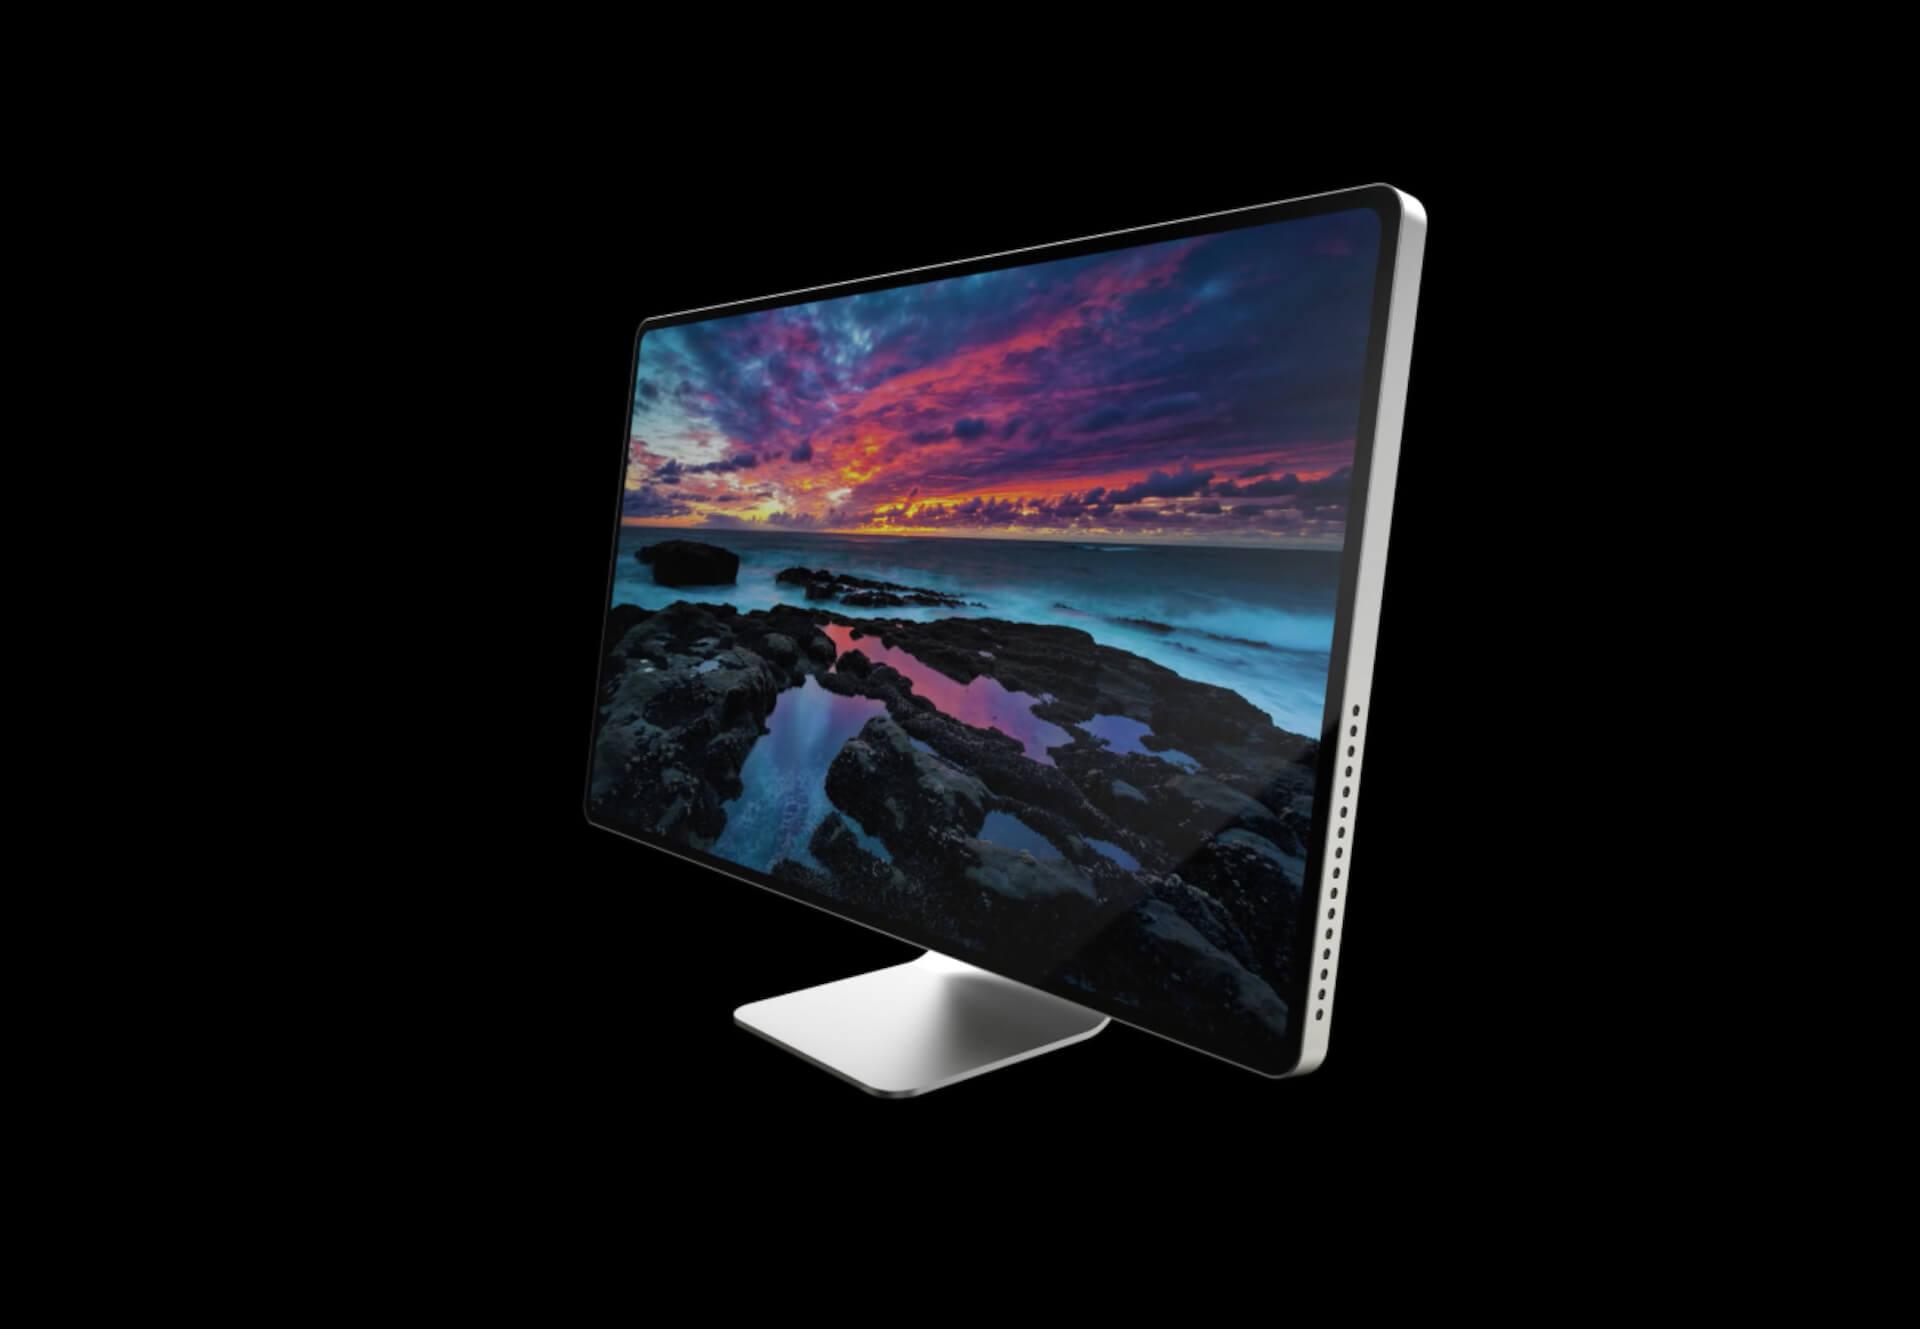 Apple Silicon搭載の新型iMacは23〜24インチ、30〜32インチの2種が登場か?筐体サイズは変わらず、ベゼルカットでディスプレイが大きくなる可能性 tech200709_imac_main